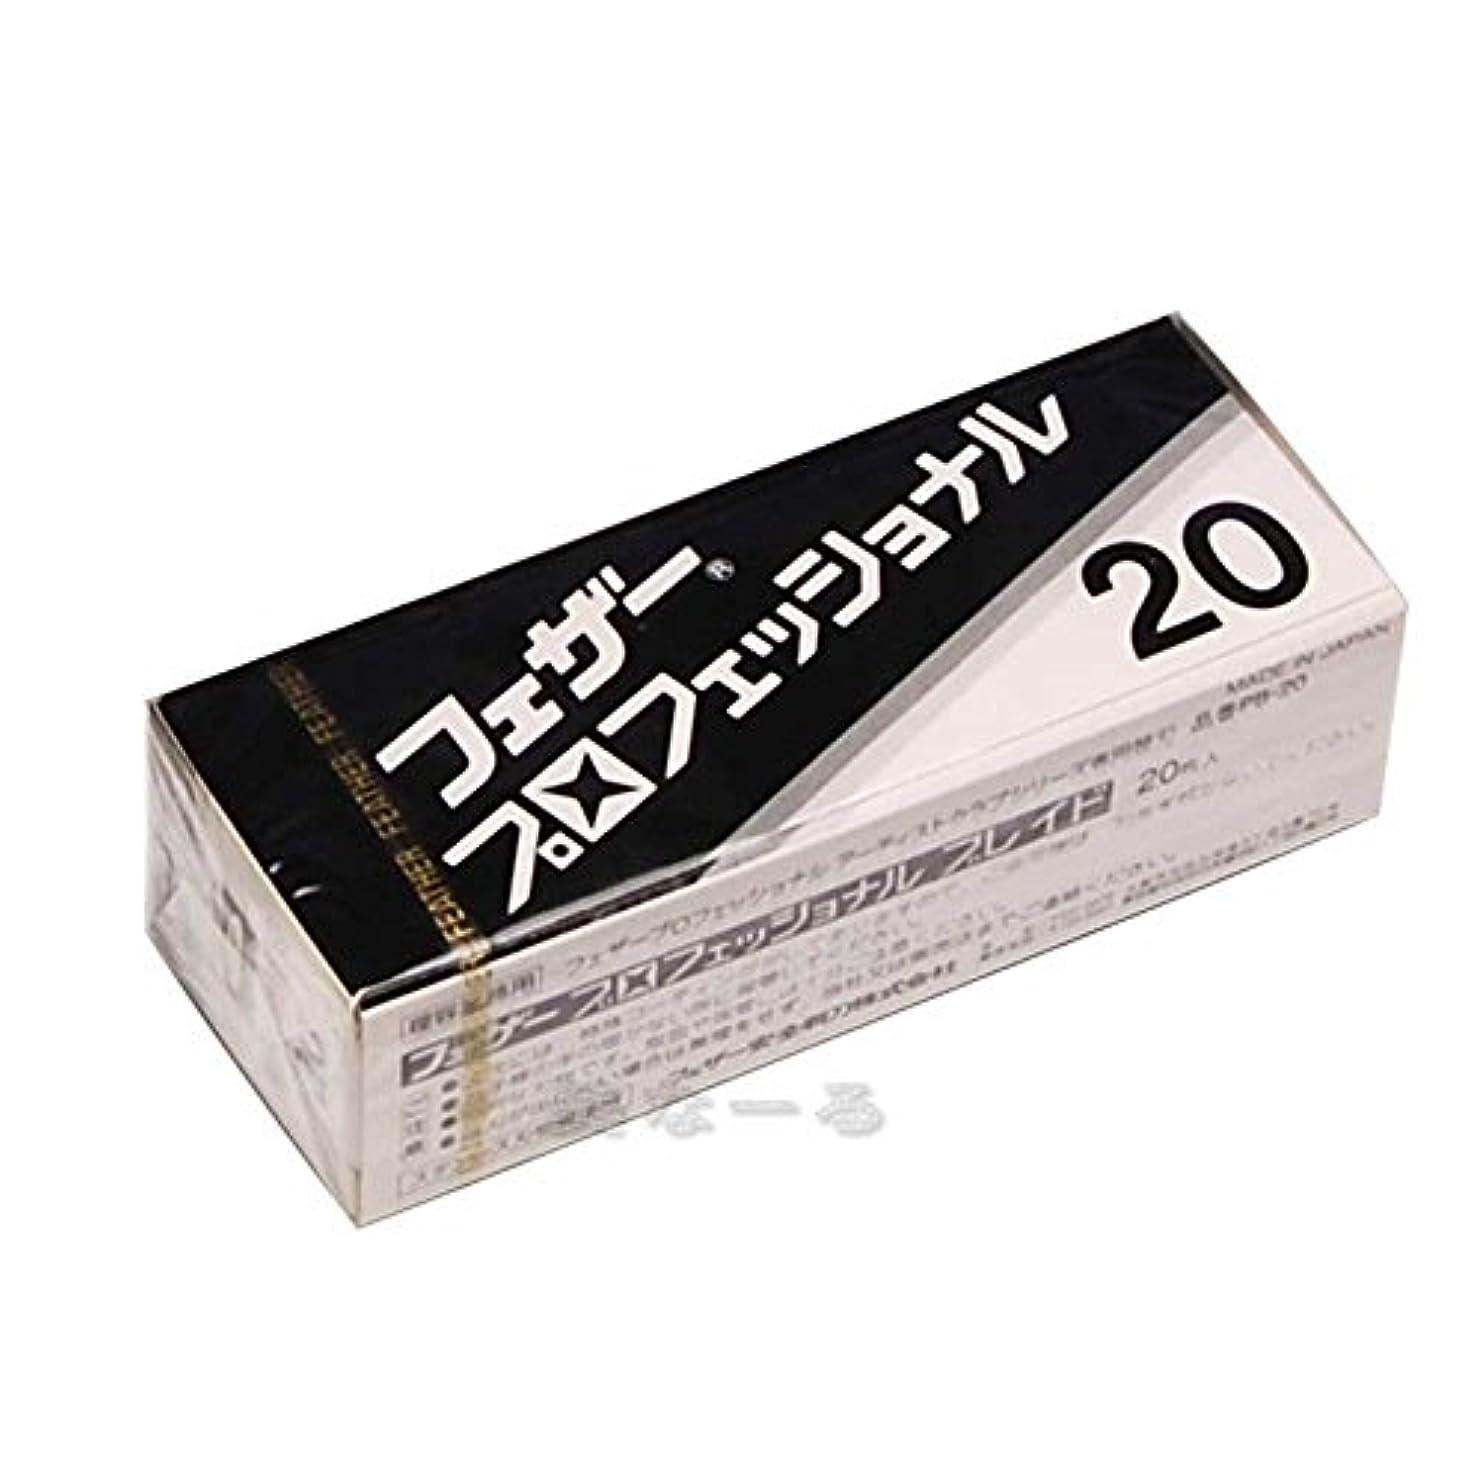 僕のスーパーマーケットはちみつフェザー プロフェッショナル ブレイド PB-20 替刃 20枚入